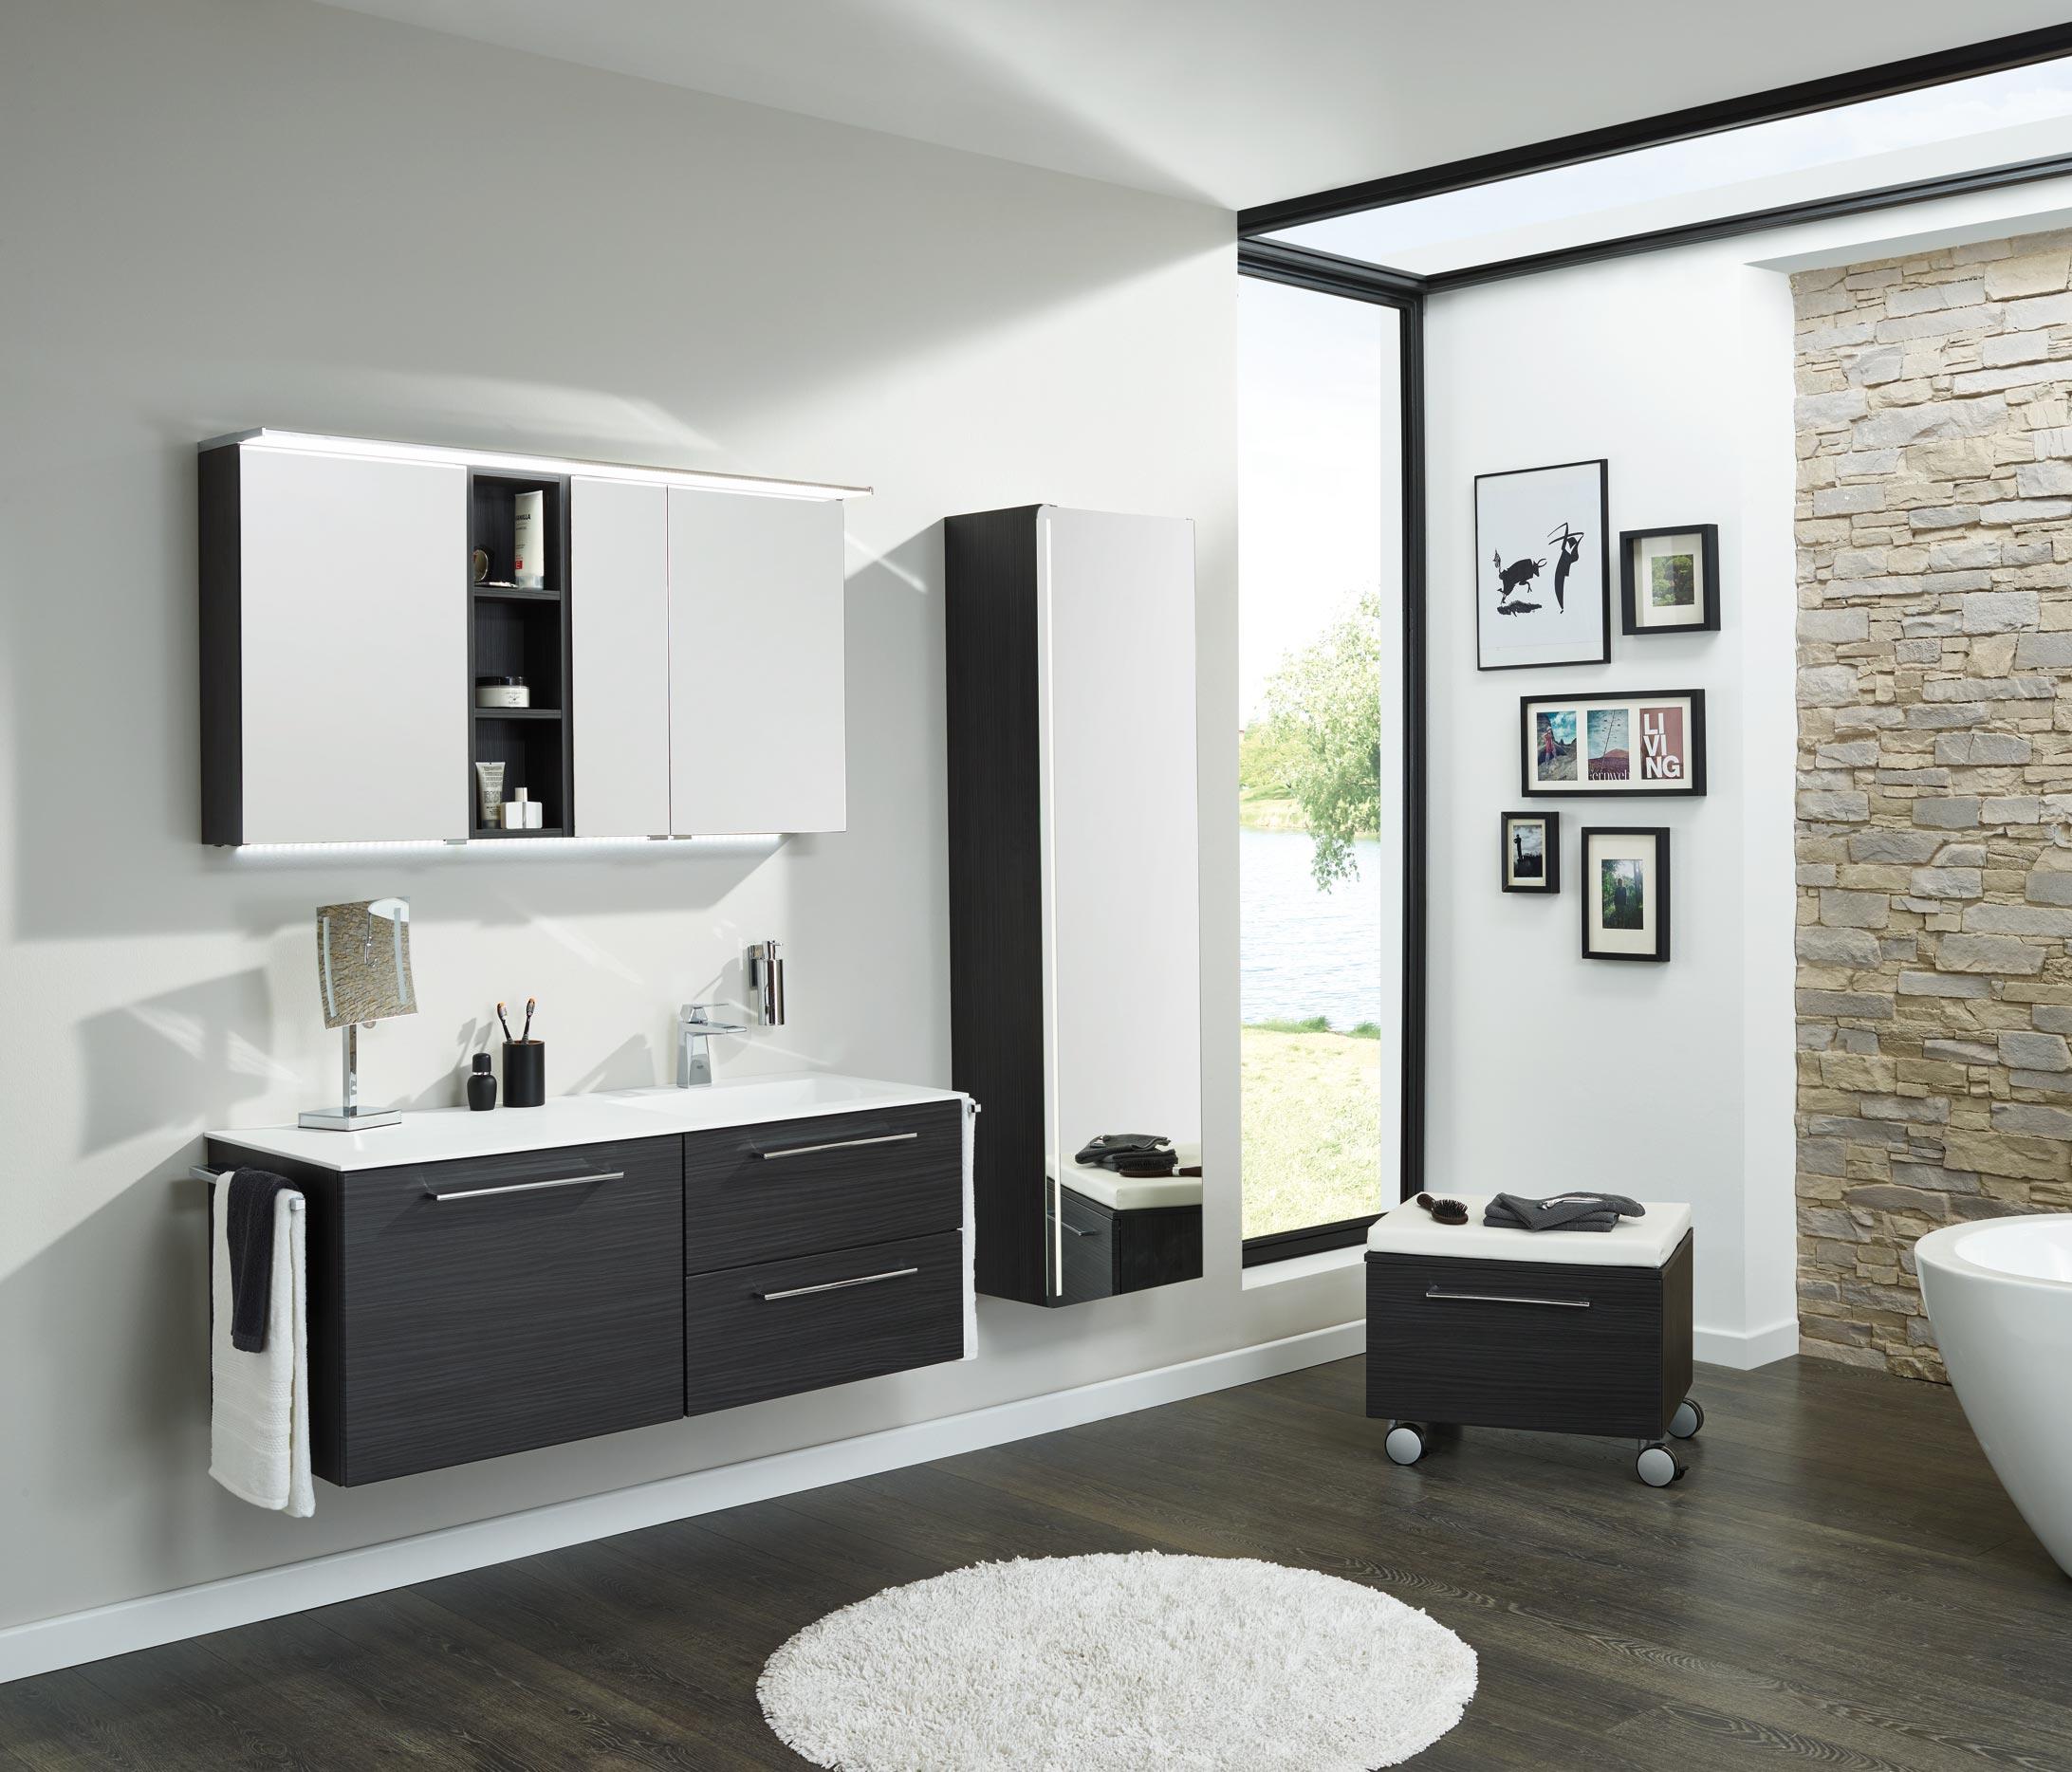 vers badkamermeubel met goedkope nieuwe badkamer